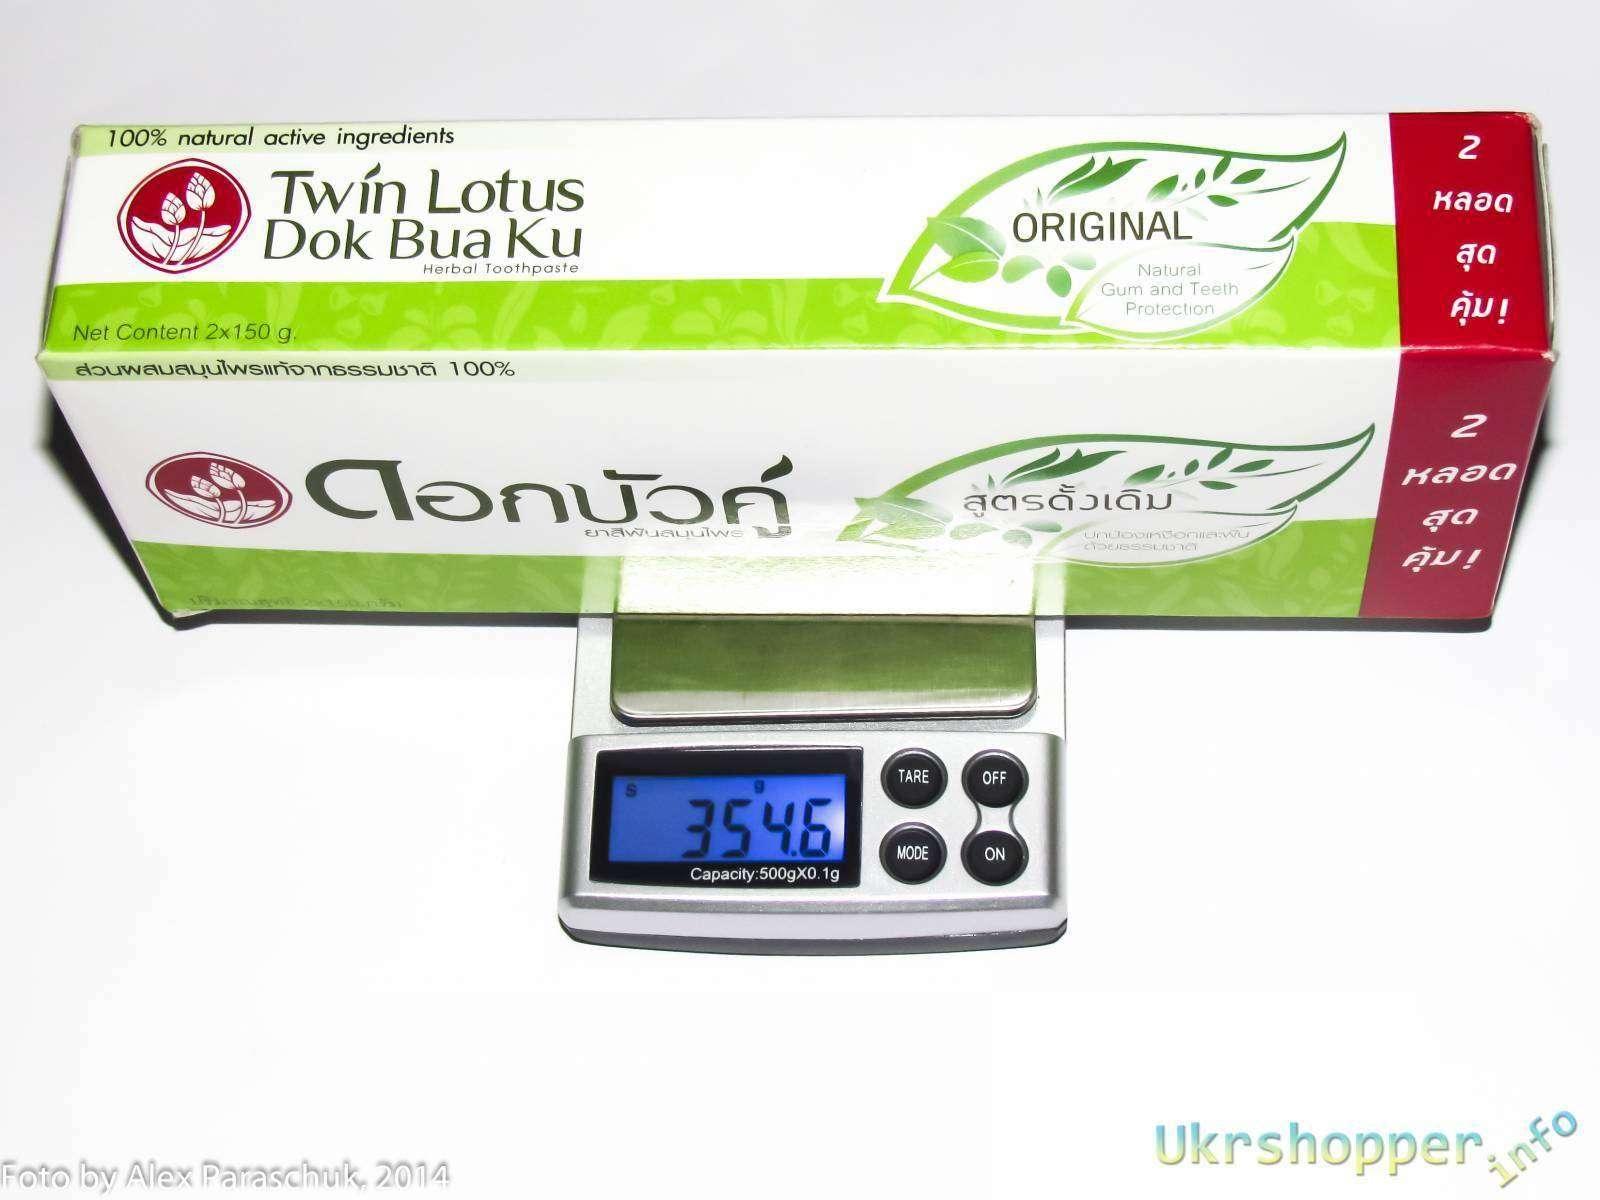 Ebay: Еще раз о зубной пасте, обзор двойной пачки натуральной зубной пасты Twin Lotus